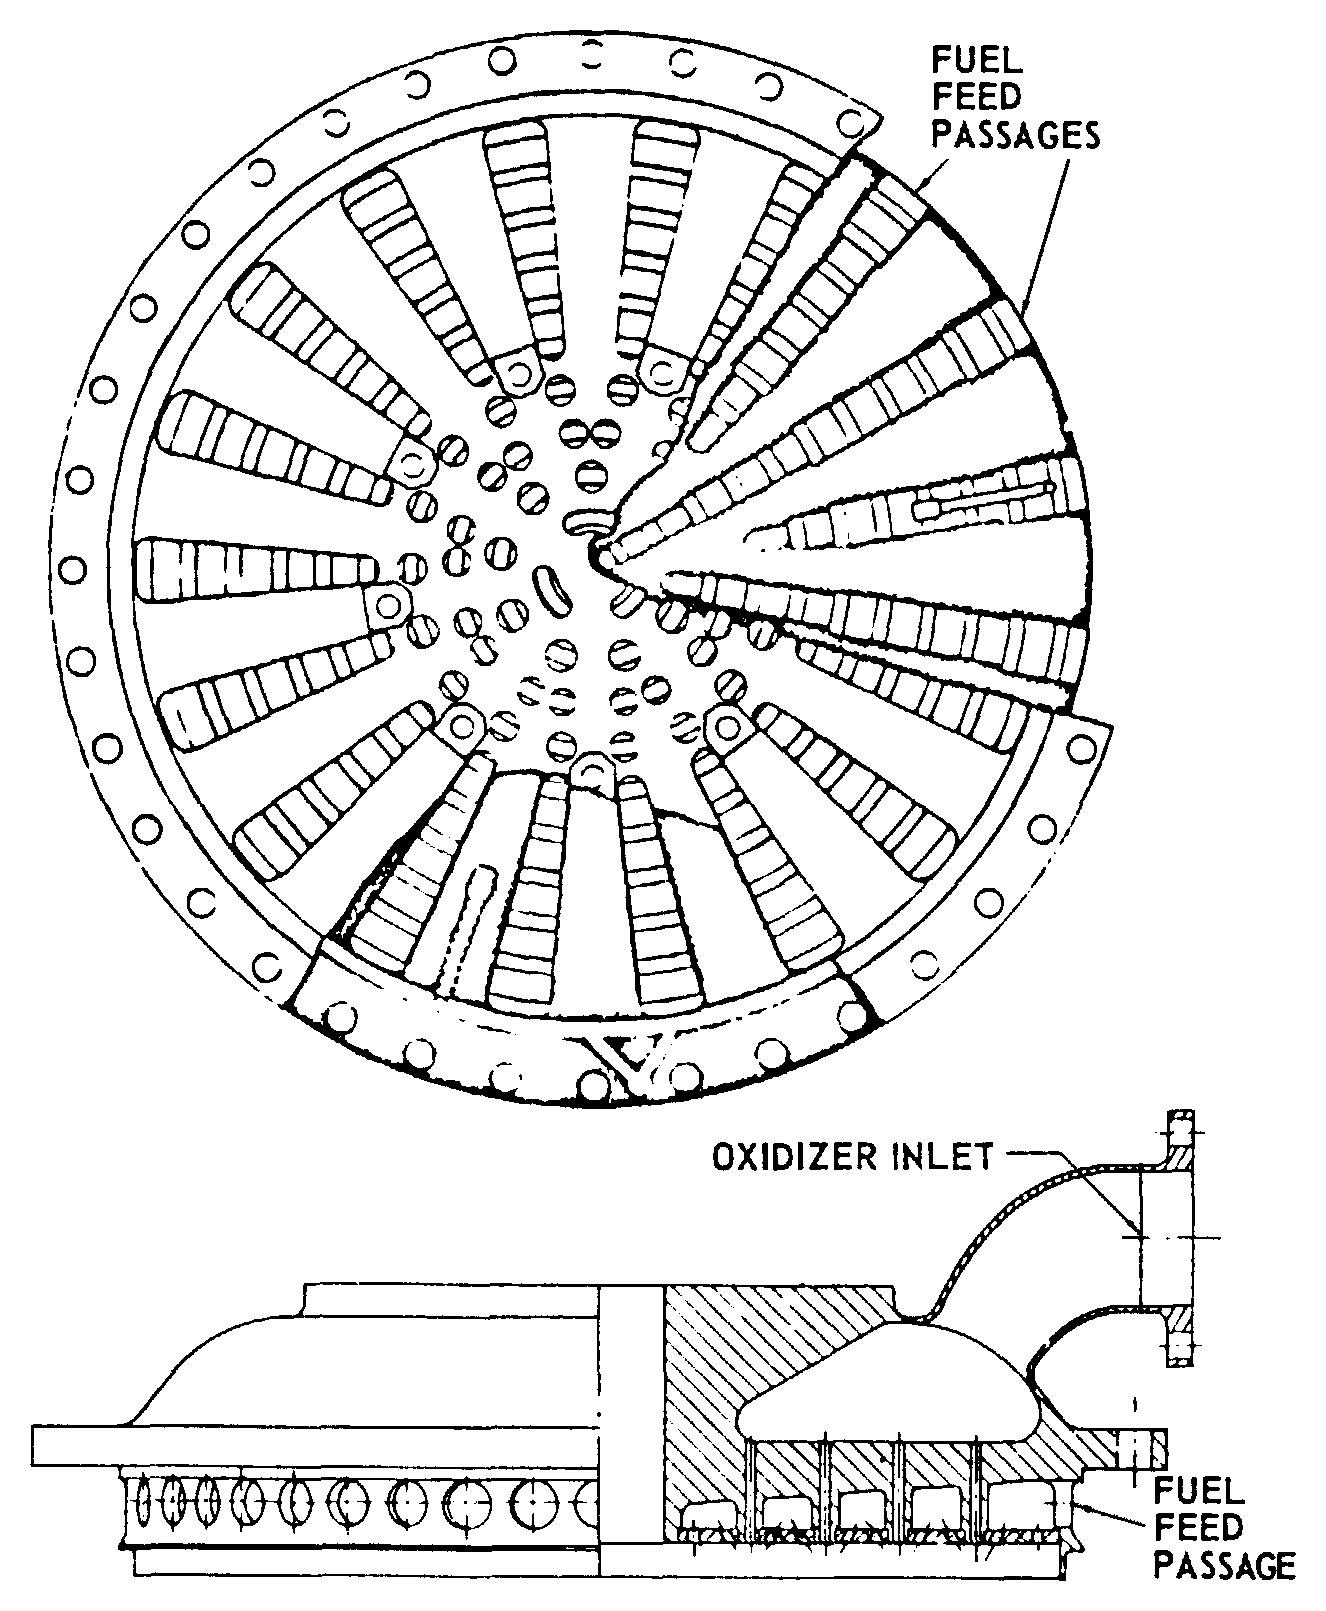 F1 Rocket Engine Schematic